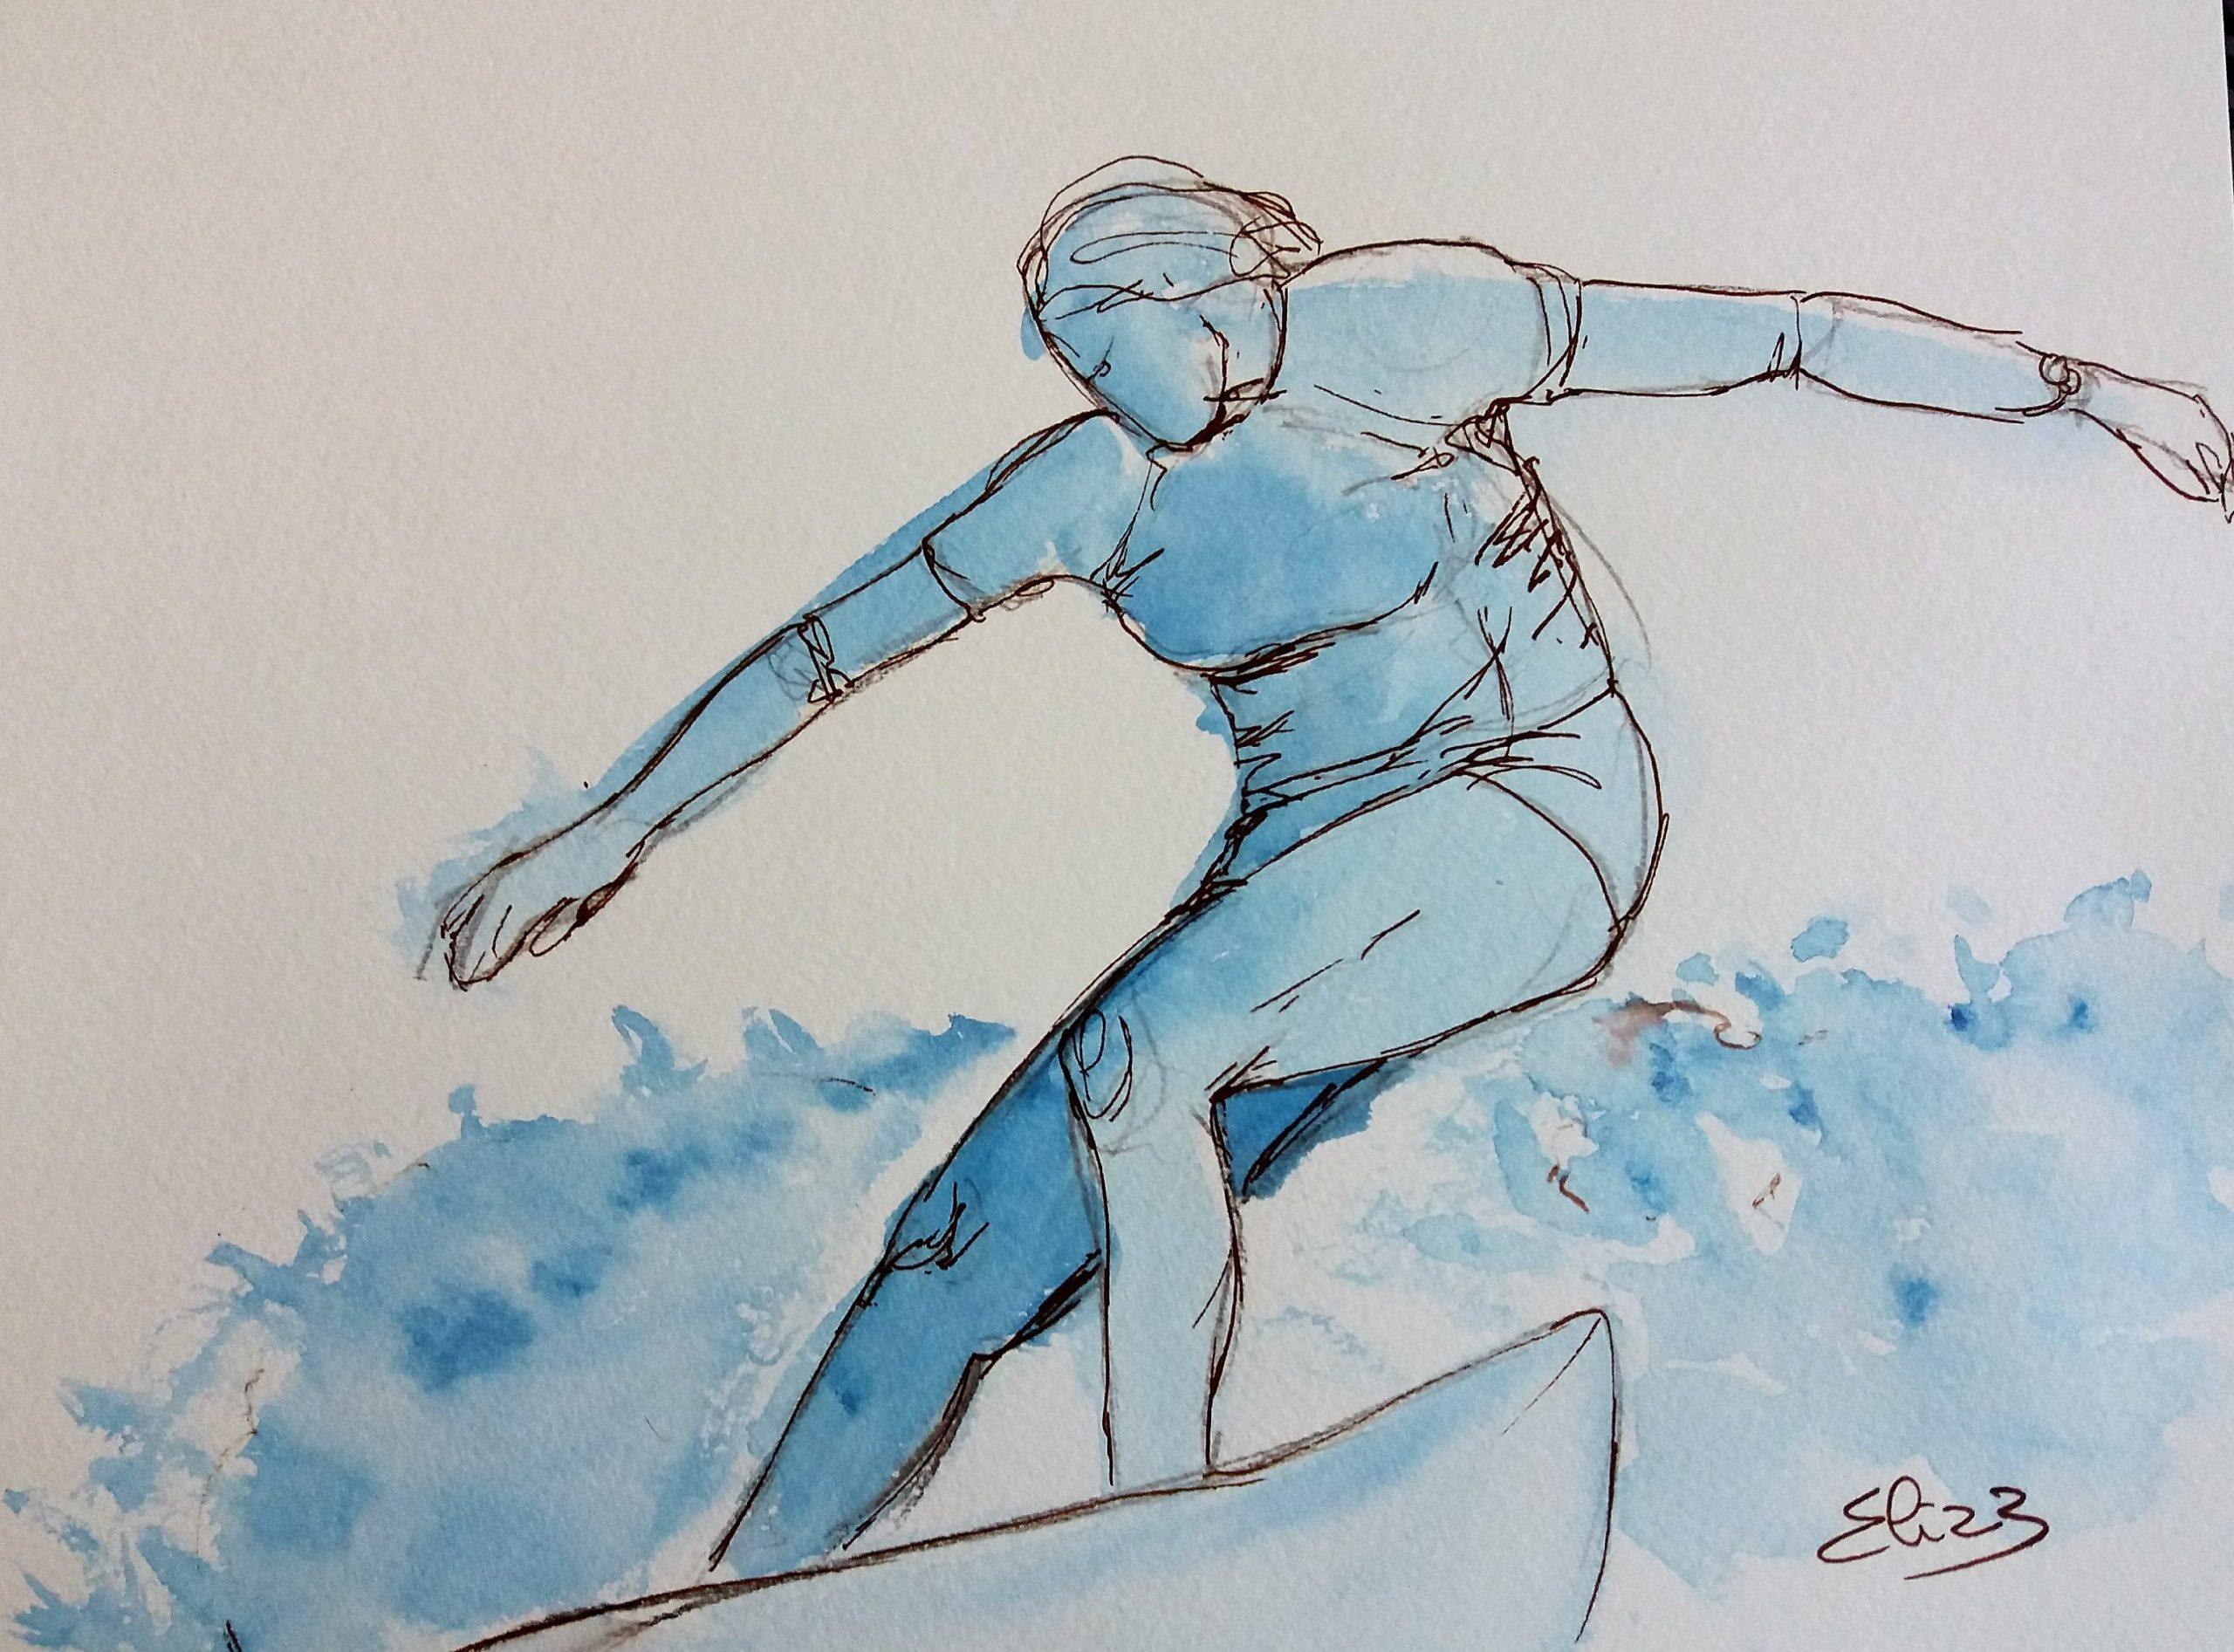 surfer sur la vague, surfeuse sur la plage, dessin esquisse par elize pour pigmentropie encre bleu et trait marron